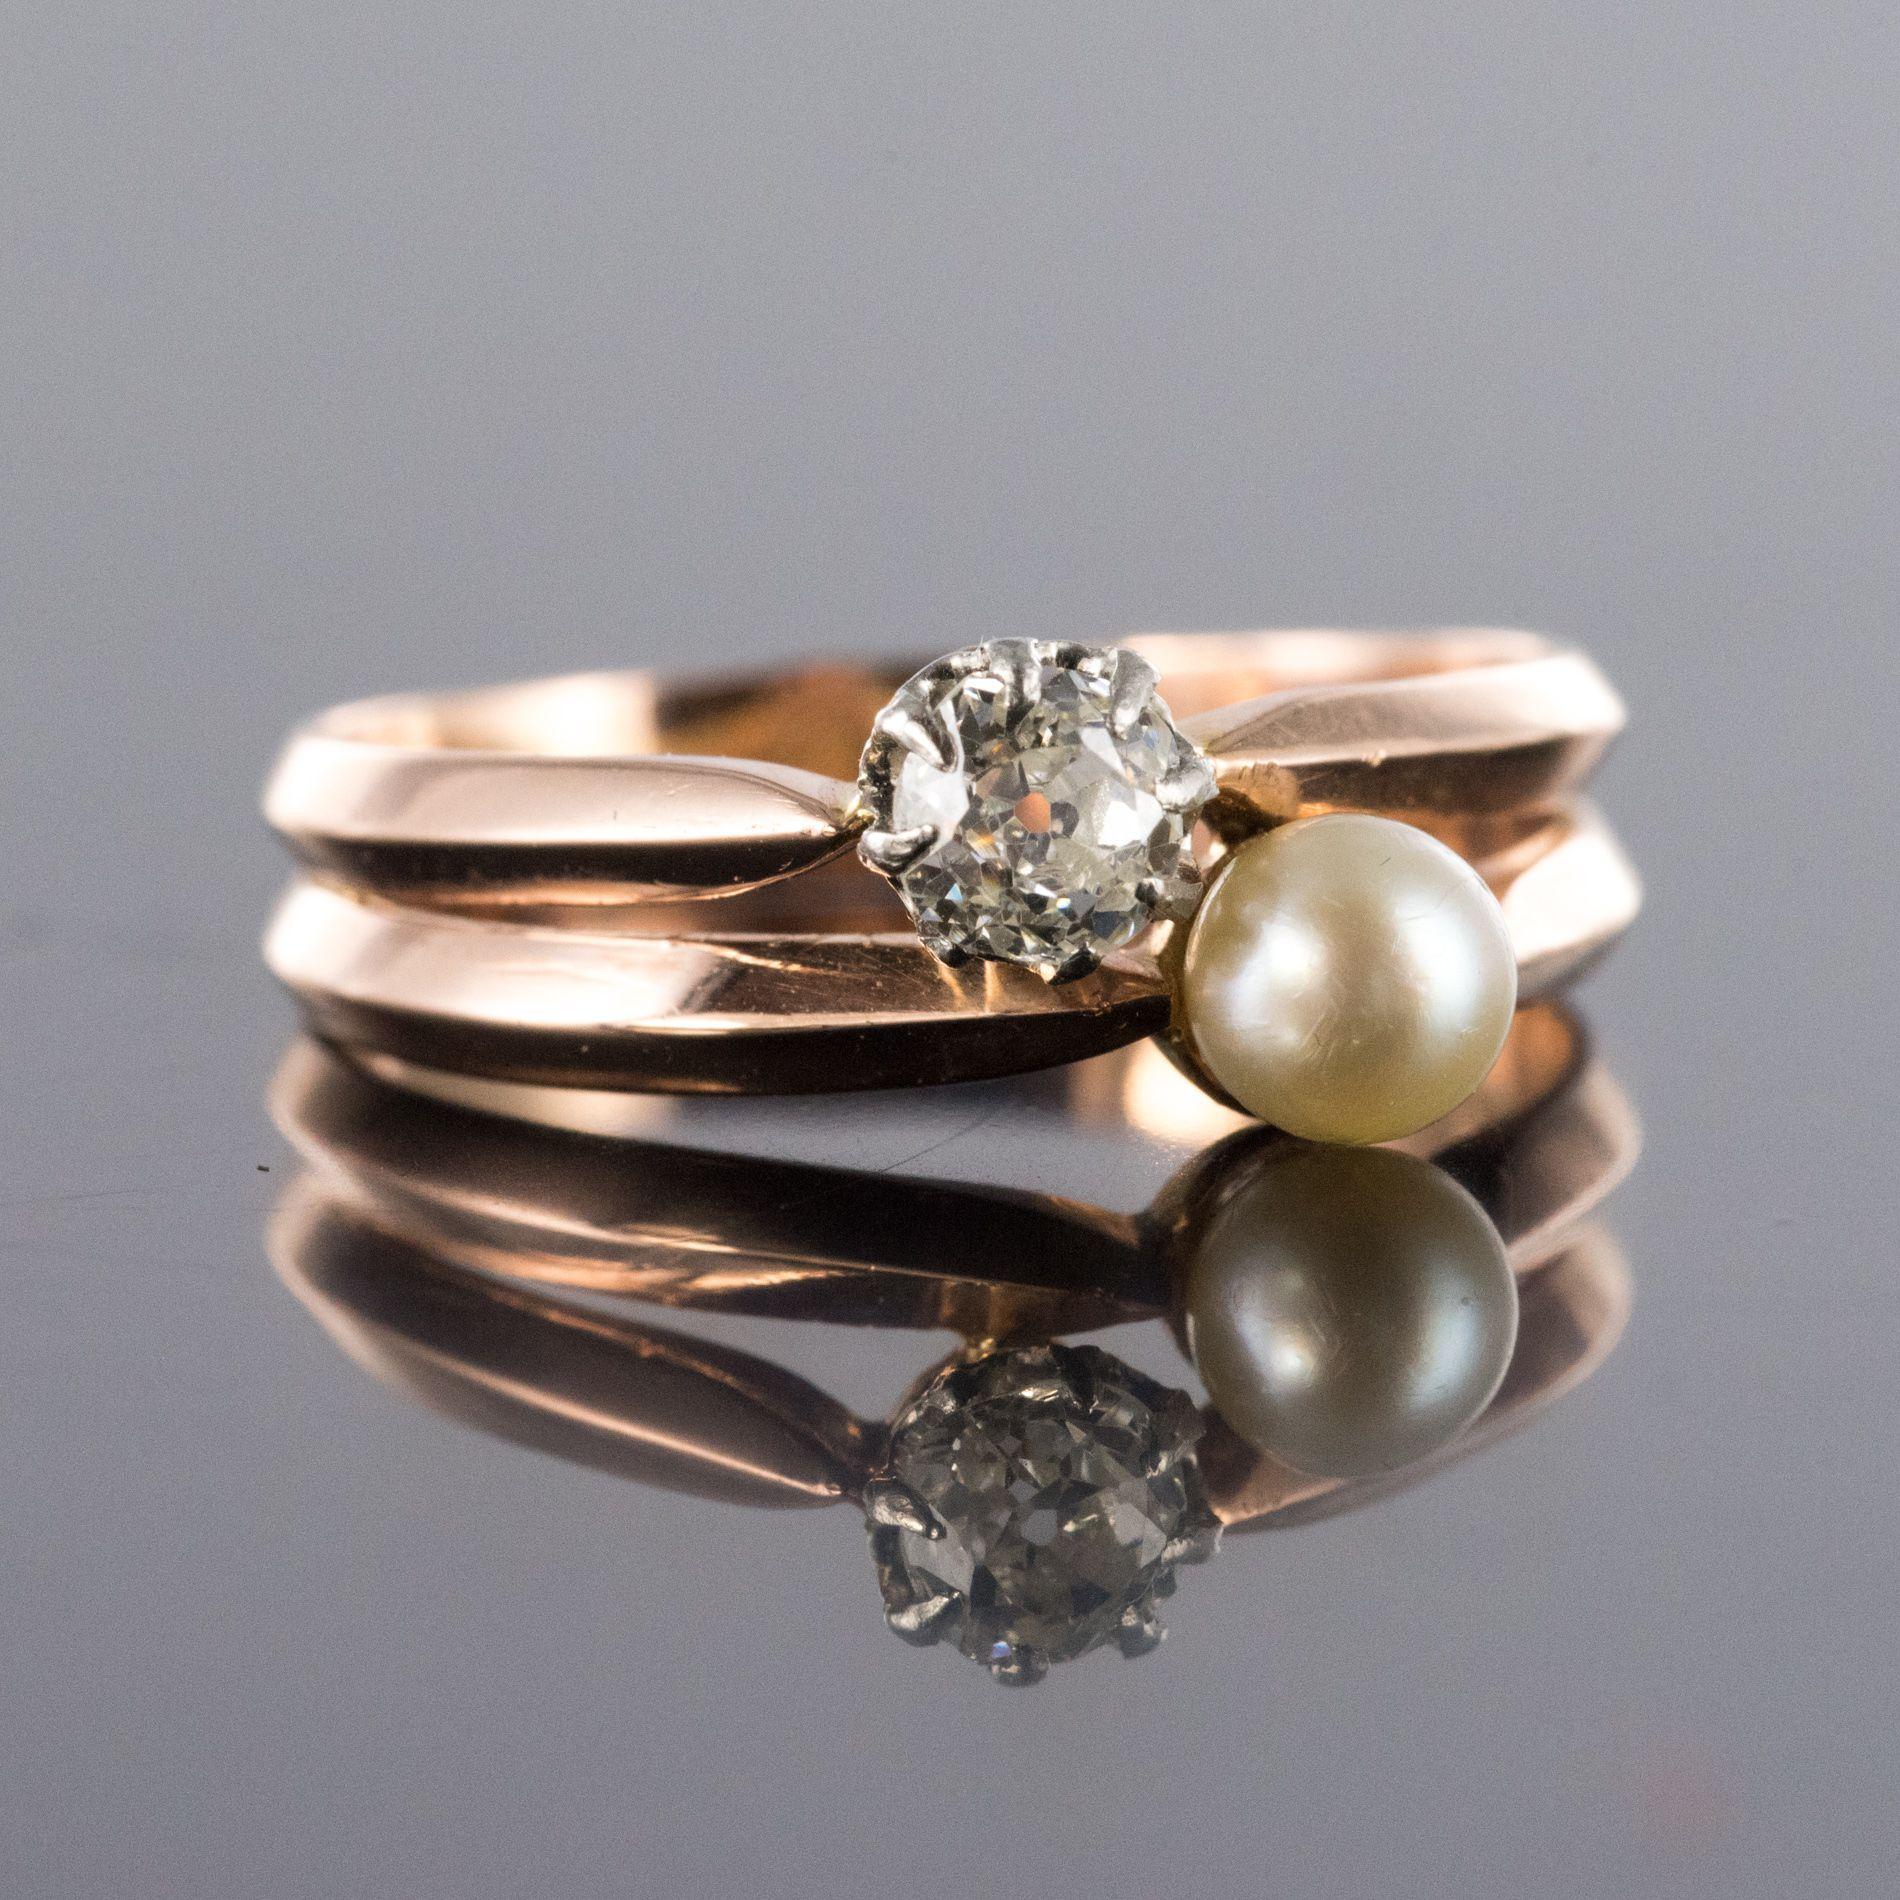 Parure ancienne perles fines et diamants